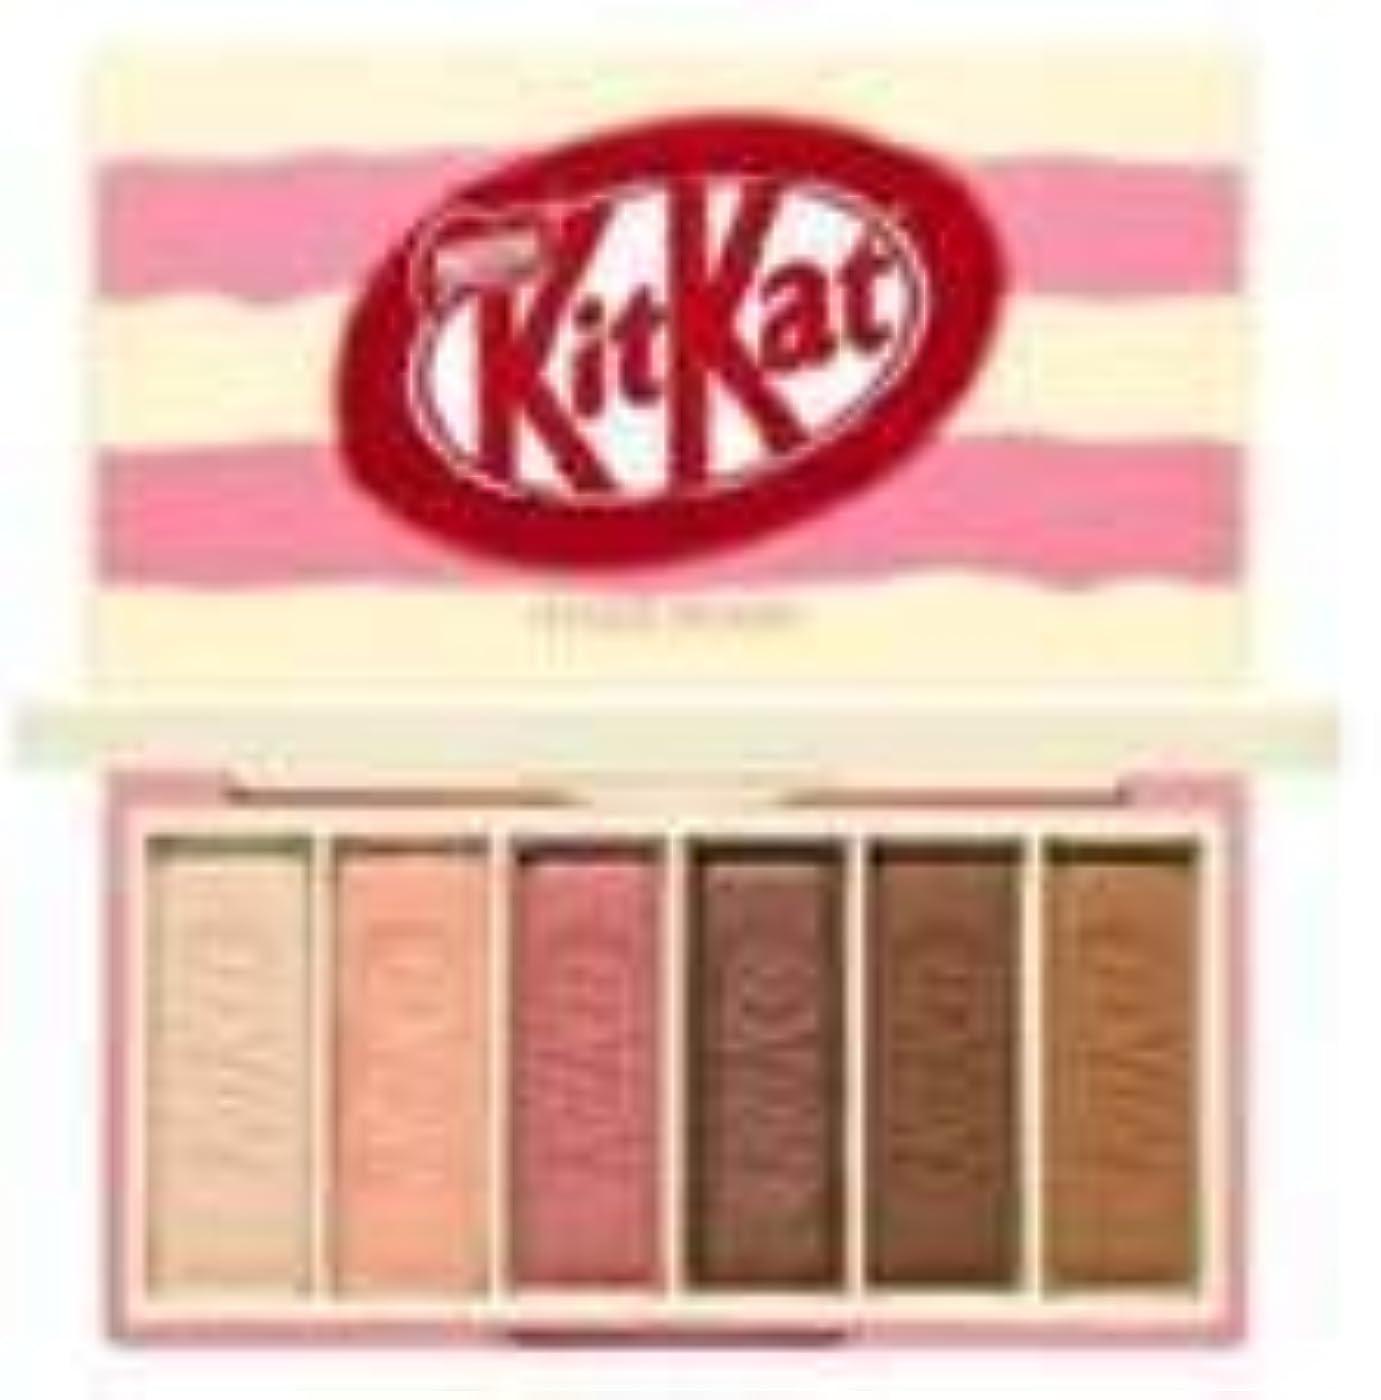 断片フェローシップバースエチュードハウス キットカット プレイカラー アイズ ミニ キット 1*6g / ETUDE HOUSE KitKat Play Color Eyes Mini Kit #2 KitKat Strawberry Tiramisu...